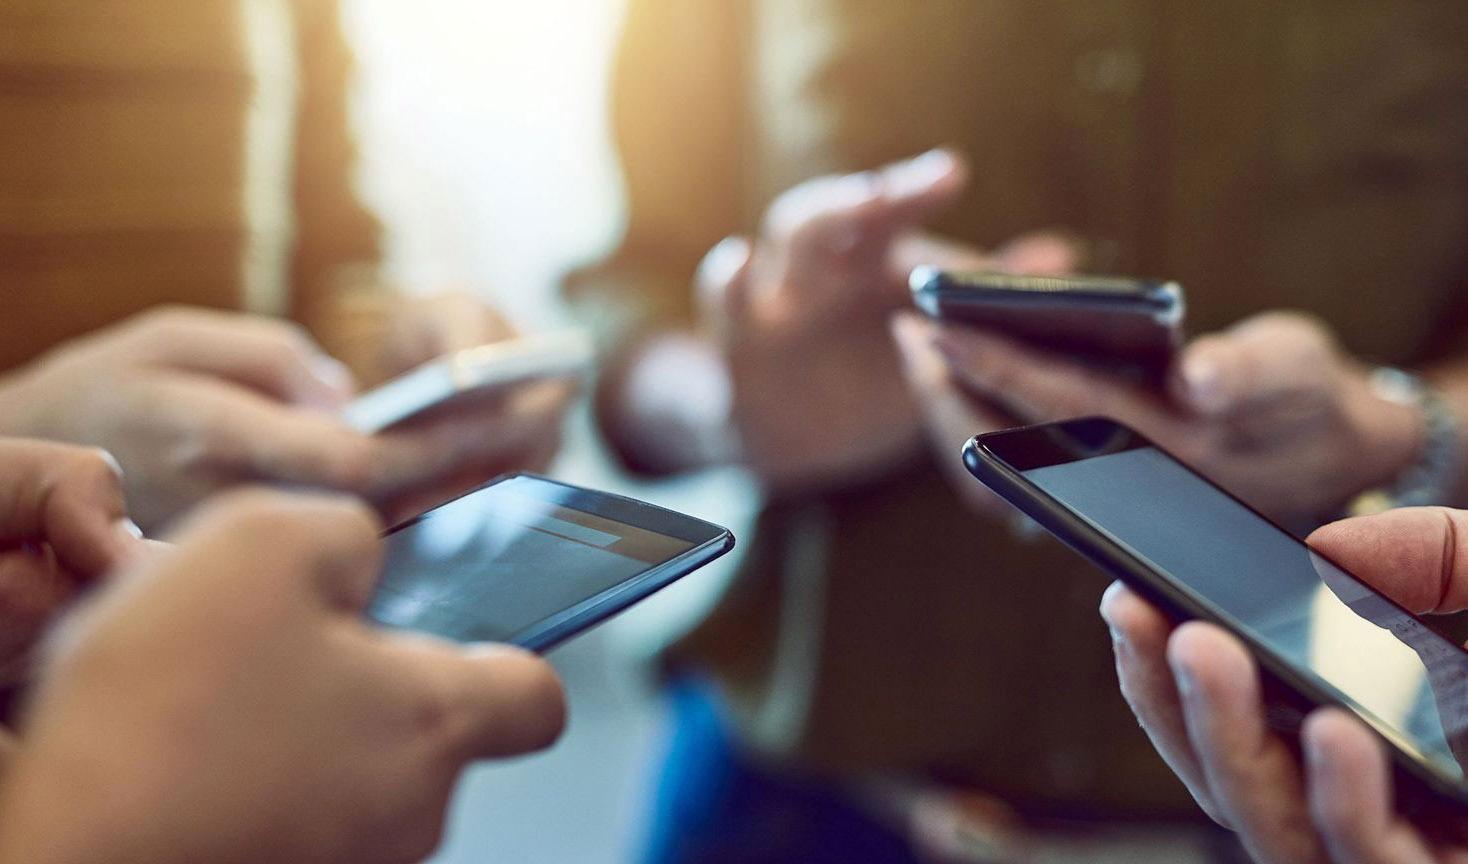 تمدید بستهها و یک گیگابایت اینترنت رایگان برای مشترکان